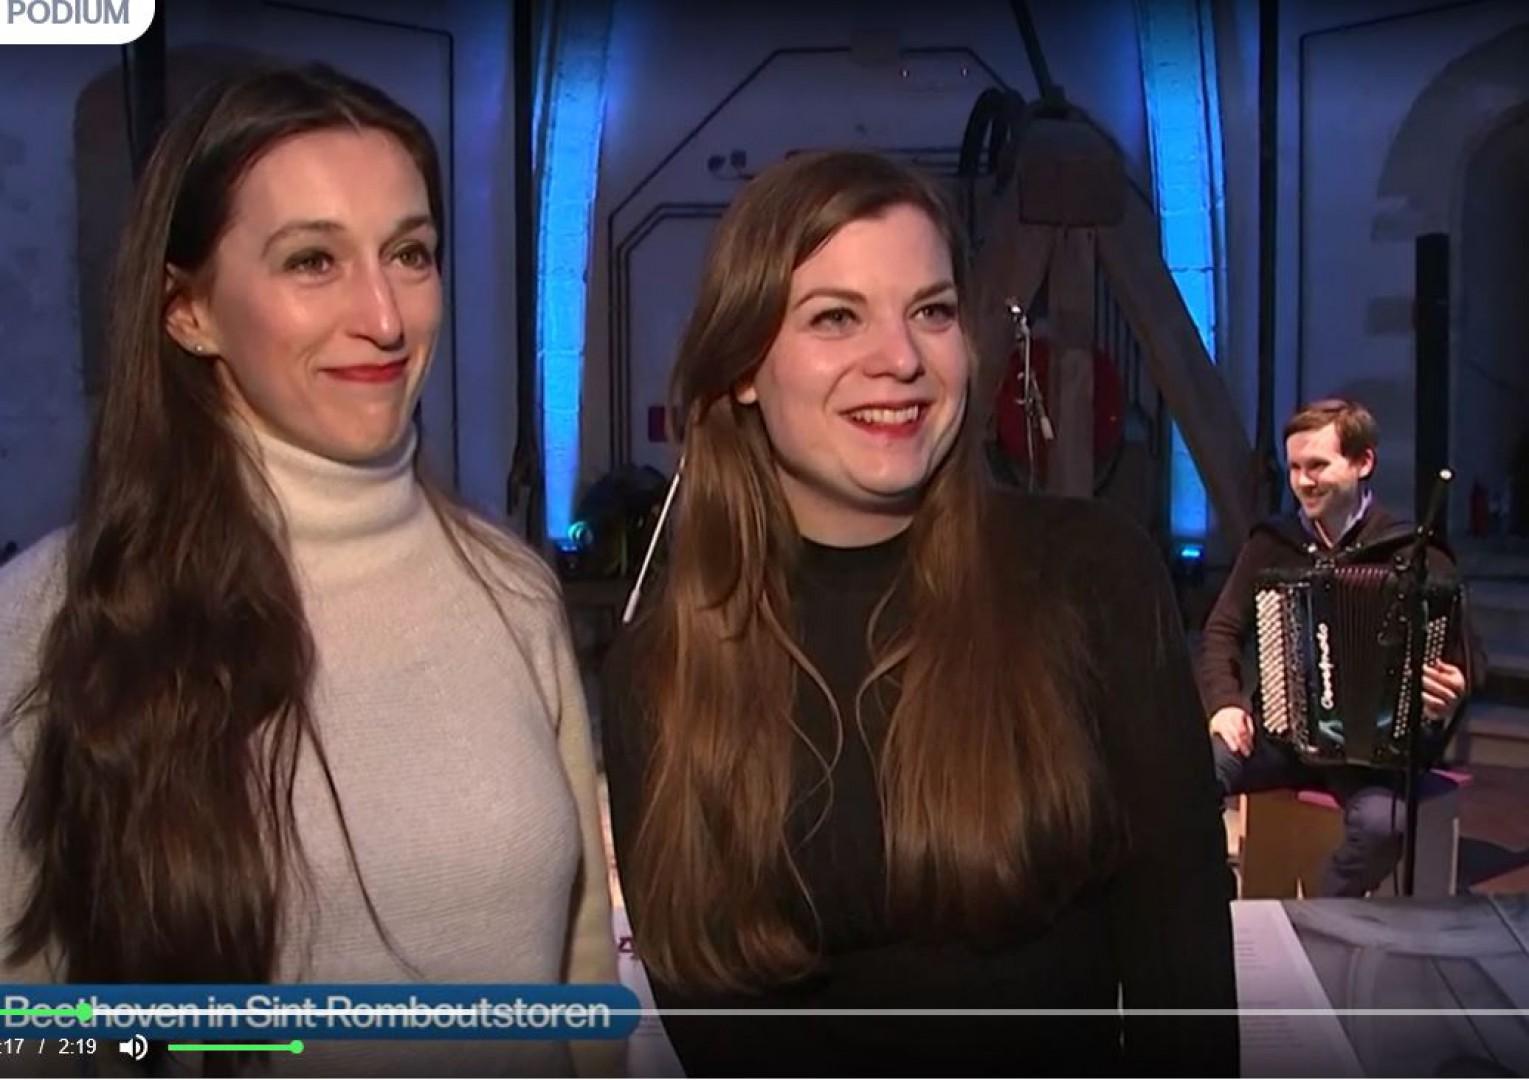 Reportage VRT NWS tijdens Hoogste Beethoven concert met Stokman & Vos